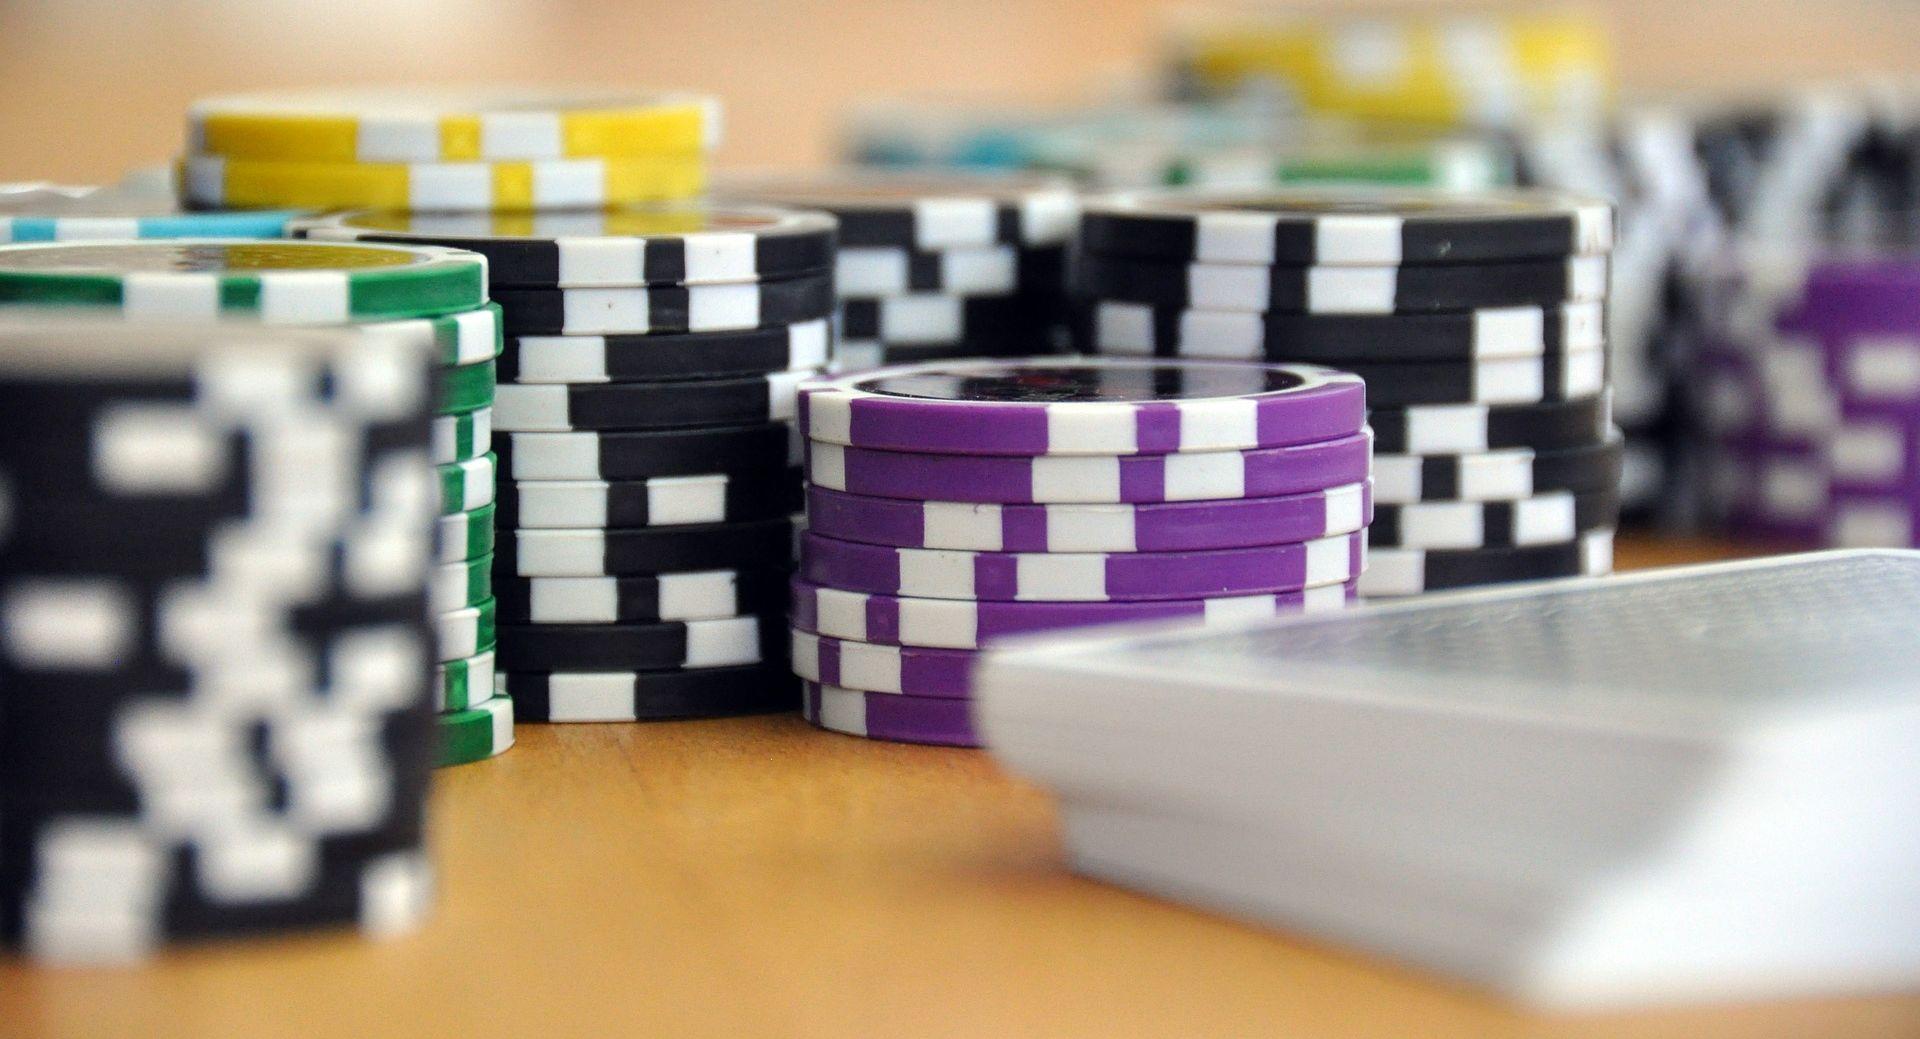 FELJTON Tajna veza kockanja i psihičkih poremećaja